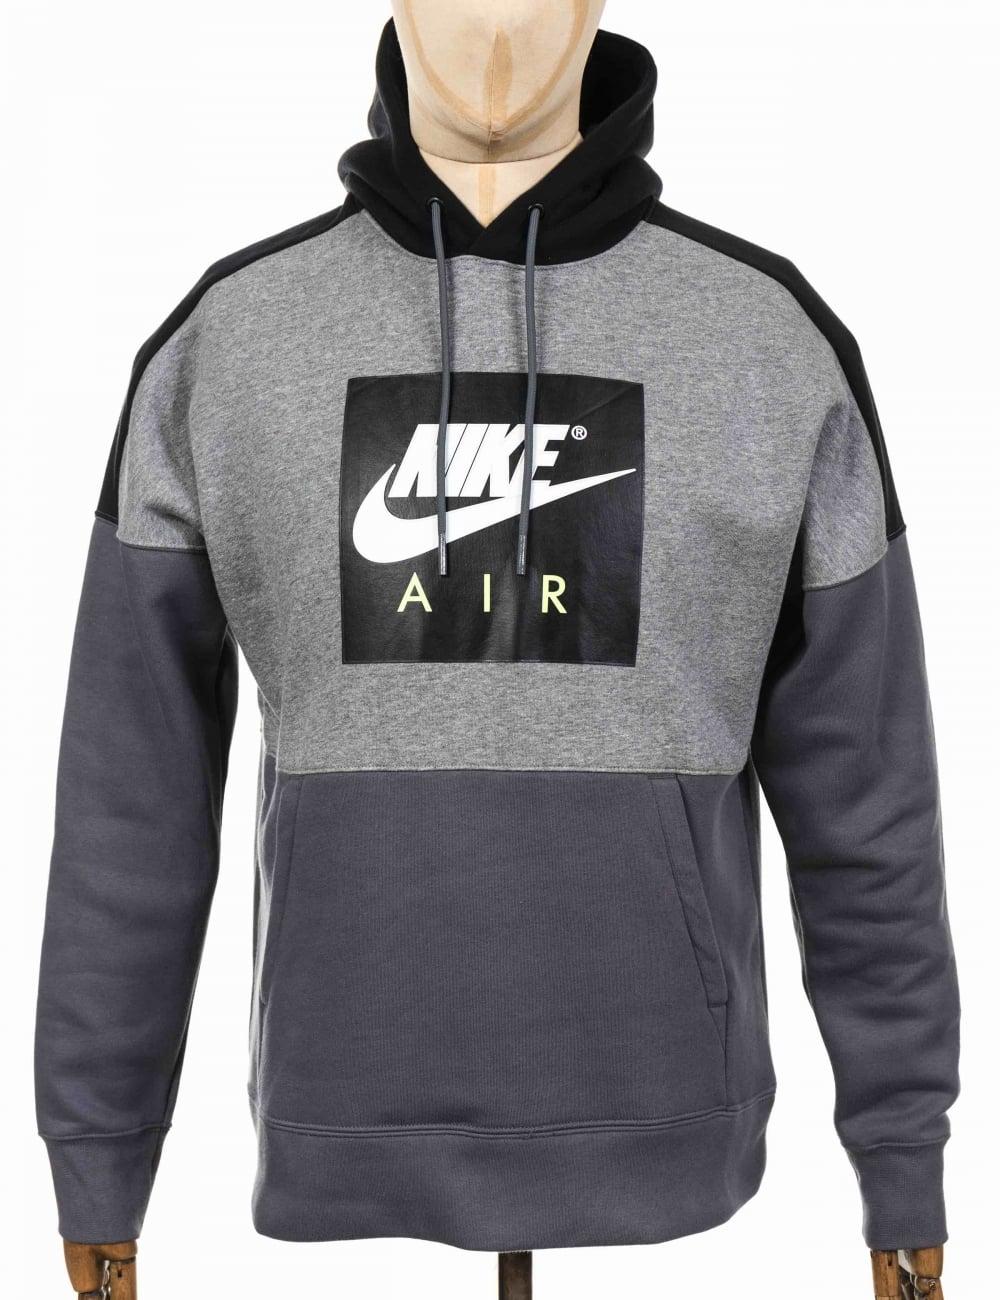 Nike NSW Air Hooded Sweatshirt - Carbon